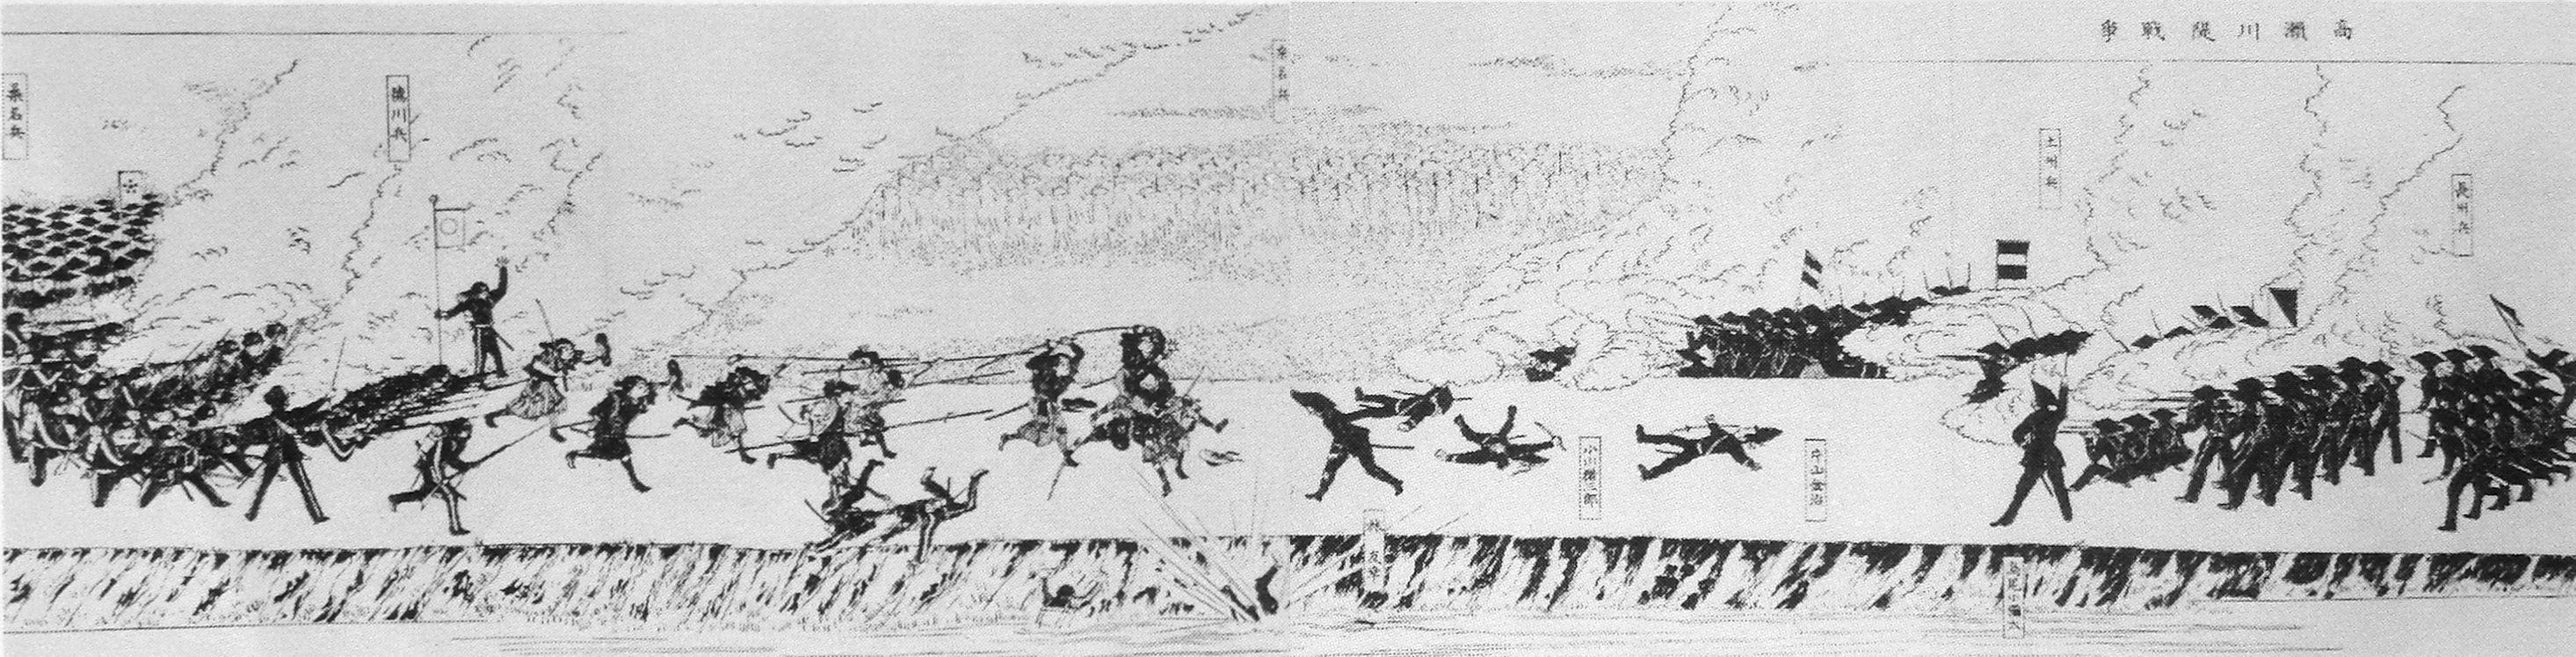 война в японии 1863-1867 битвы помощью